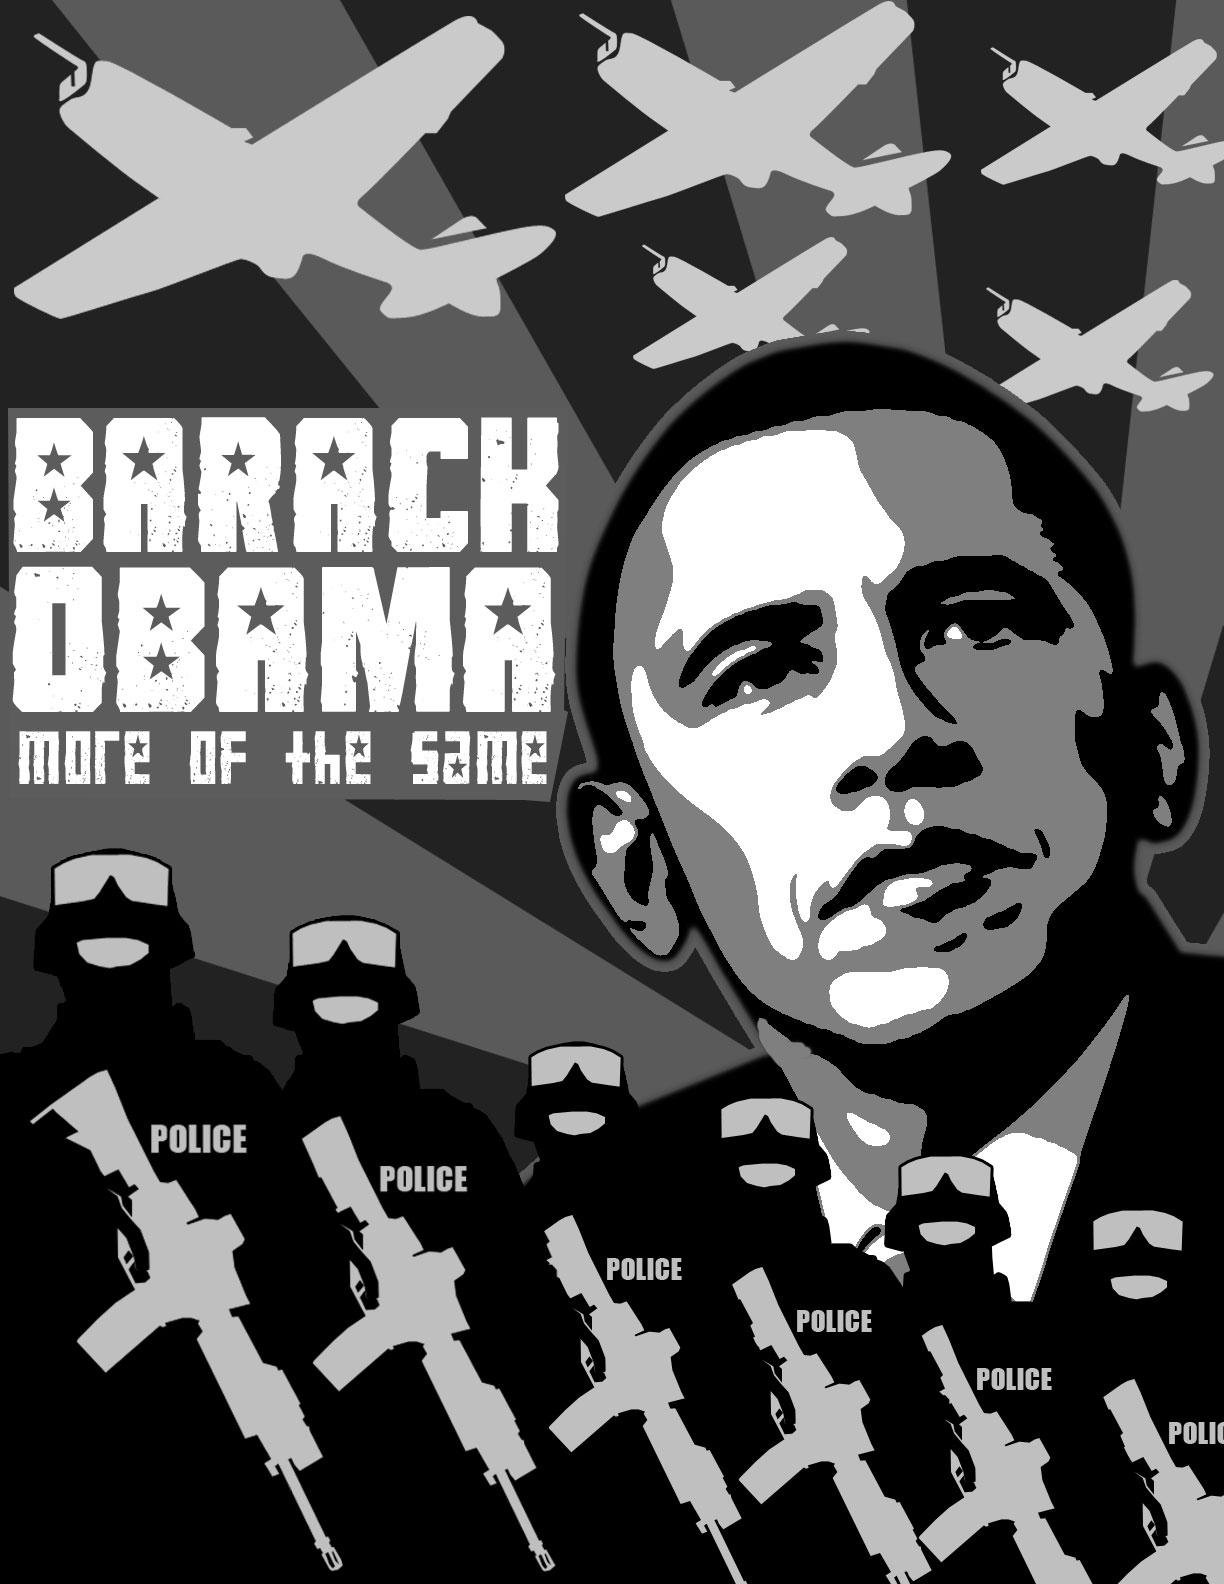 obama_more_of_the_same_warmonger